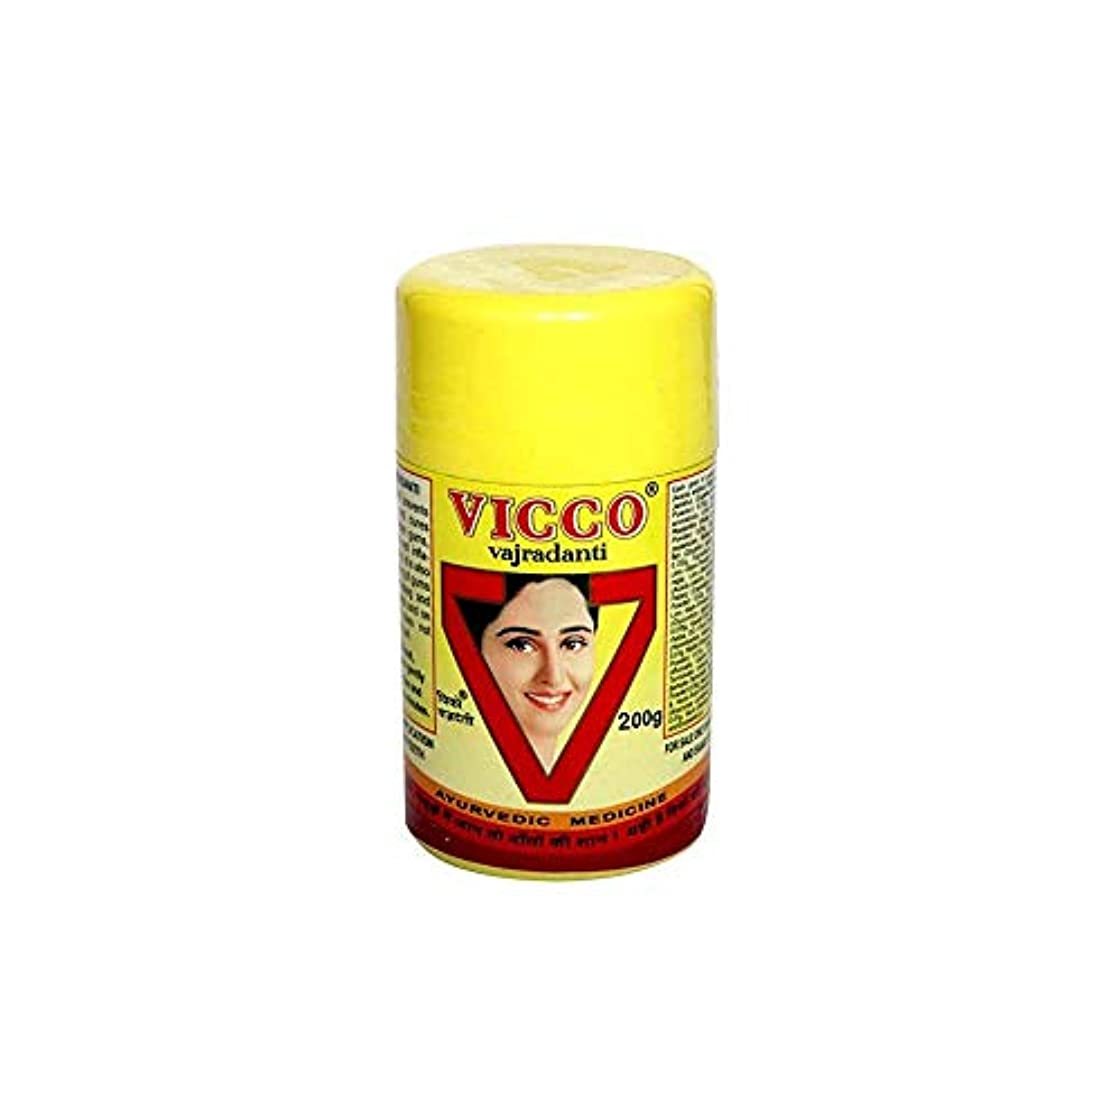 同等の対象参照Vicco Vajradanti Ayurvedic Herbal Tooth Powder 200g Prevents Tooth Decay Cures by Vicco Lab